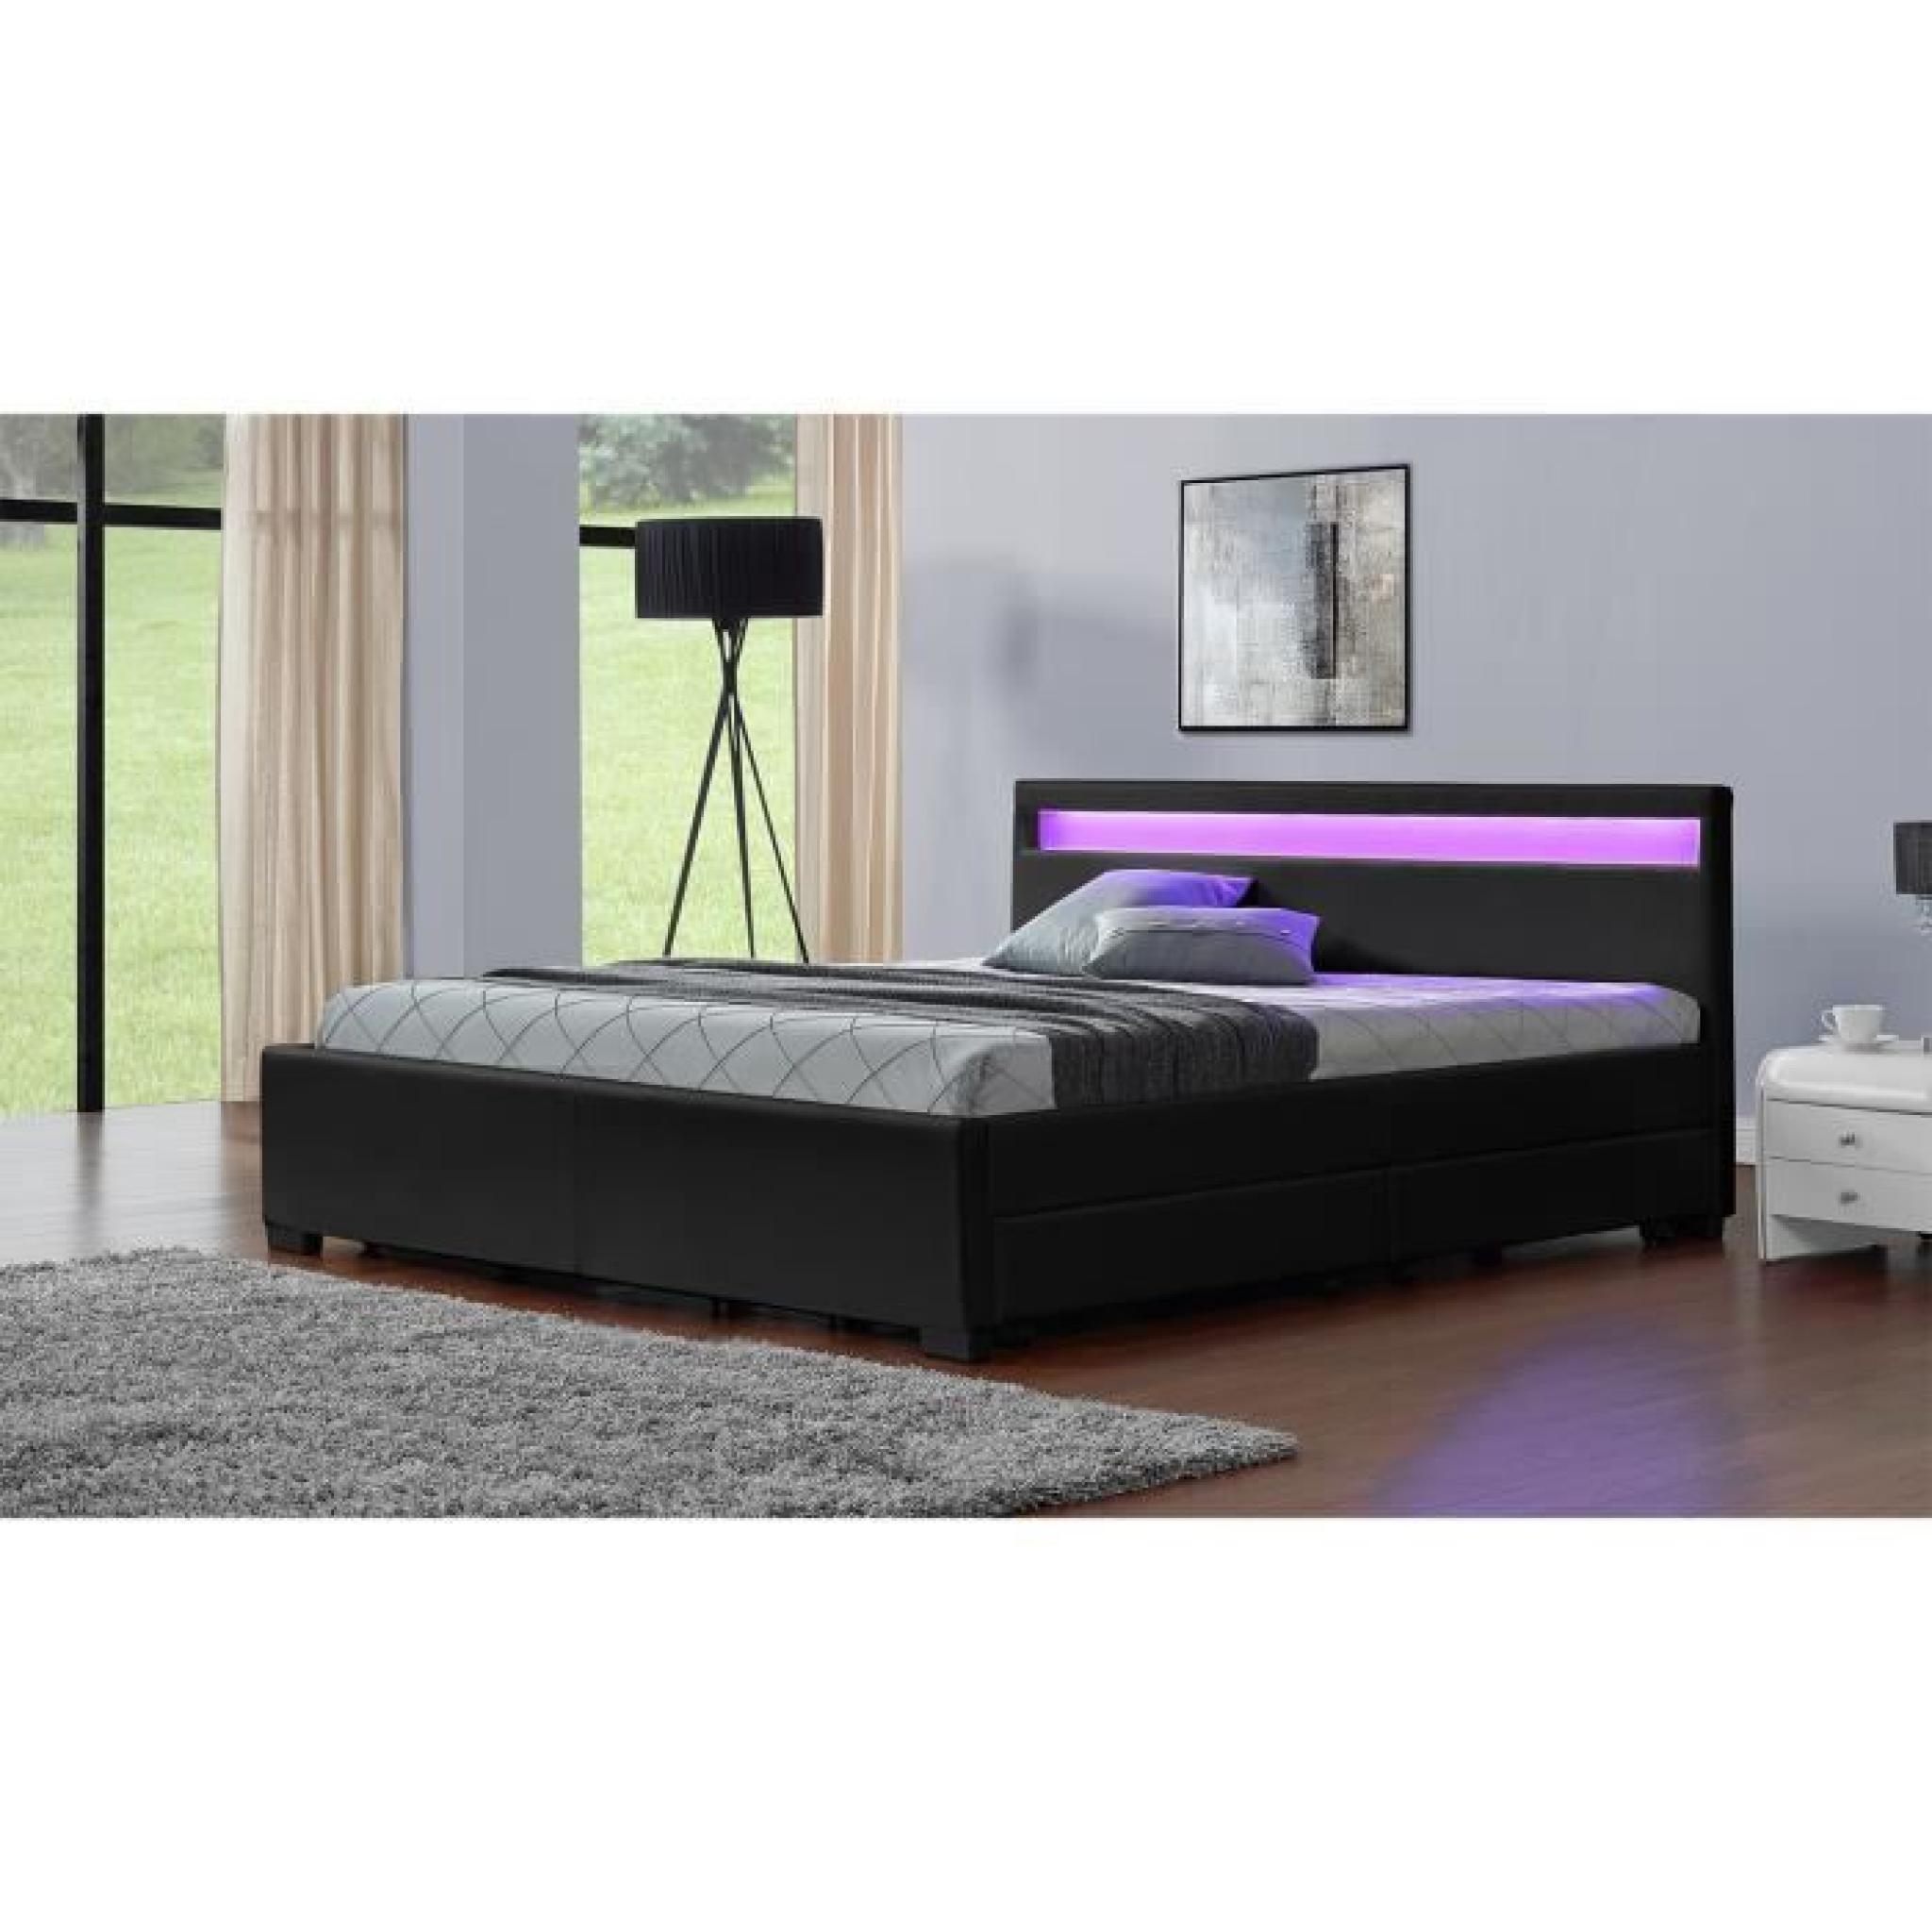 lit enfield noir led et rangements tiroirs 160x200 cm achat vente lit pas cher couleur. Black Bedroom Furniture Sets. Home Design Ideas